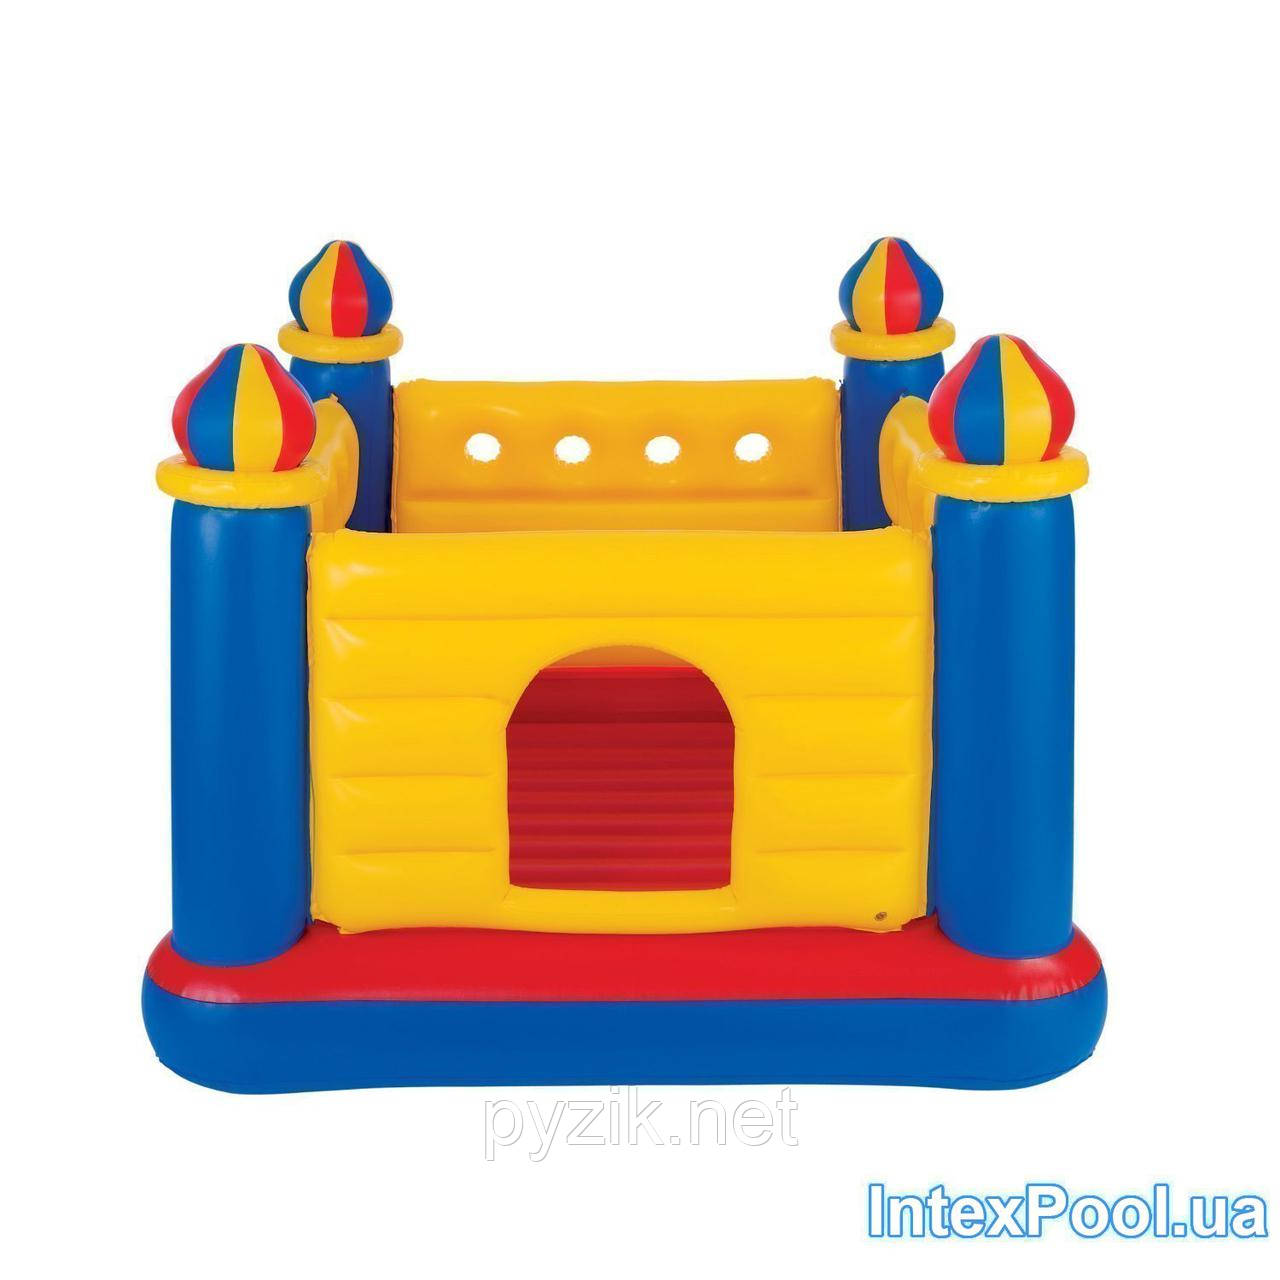 fd9ca21a04da Купить Детский надувной батут-игровой центр Intex «Замок», 175 х 175 ...